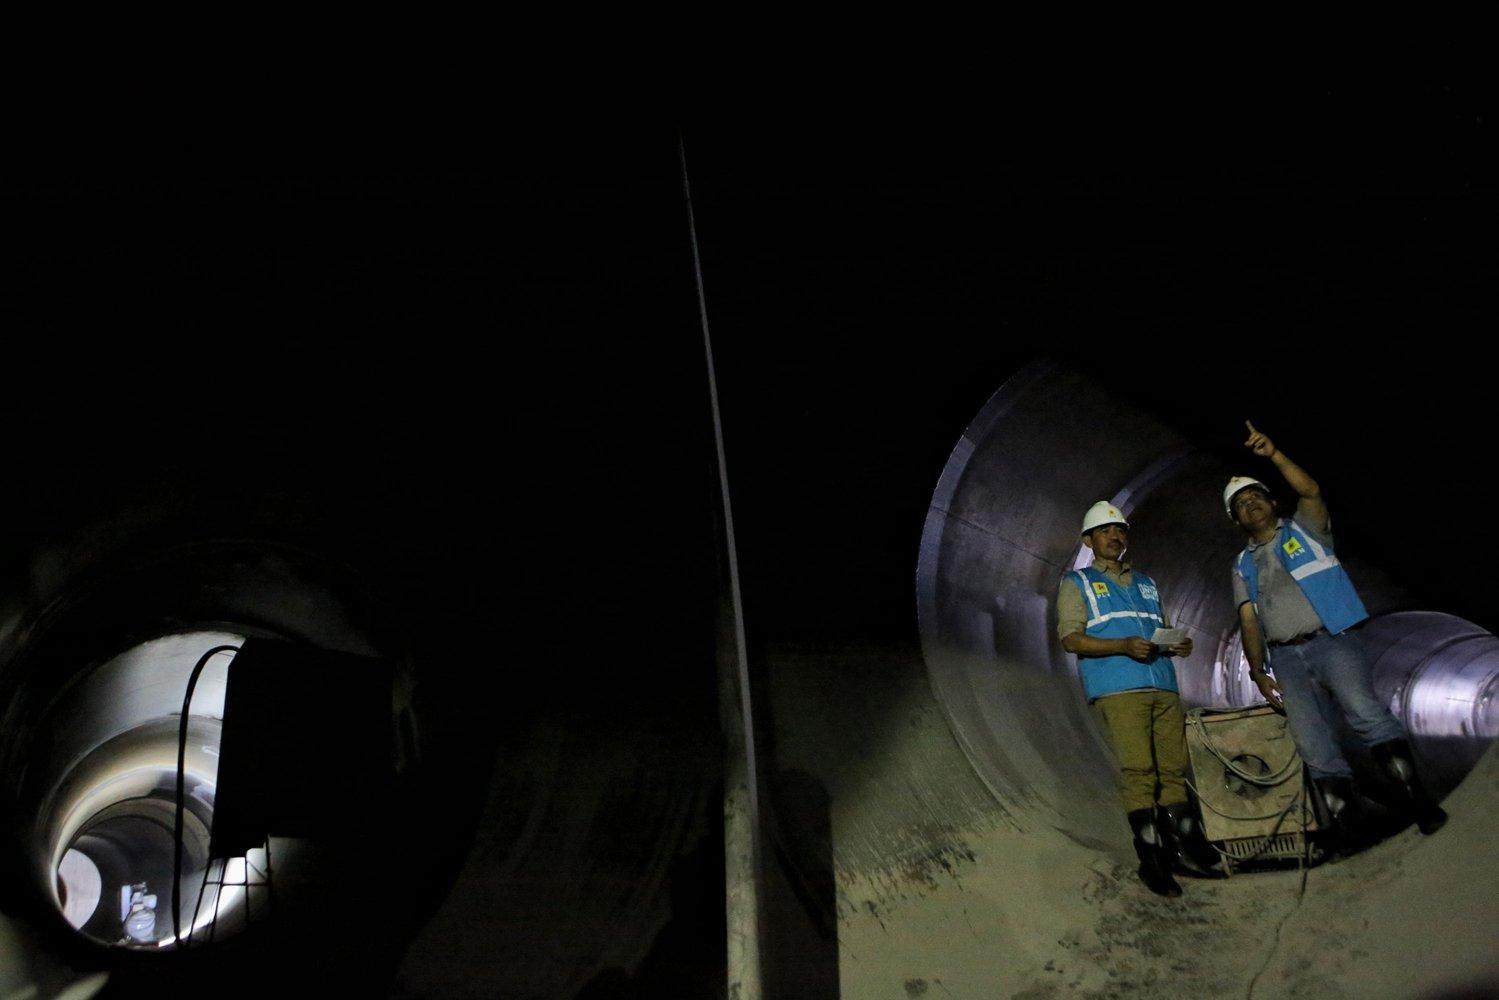 Pembangkit Listrik Tenaga Air (PLTA) Jatigede telah berhasil menyelesaikan pekerjaan Top Heading Excavation atau penggalian saluran air di headrace tunnel sepanjang 2.218,73 meter pada oktober 2019.